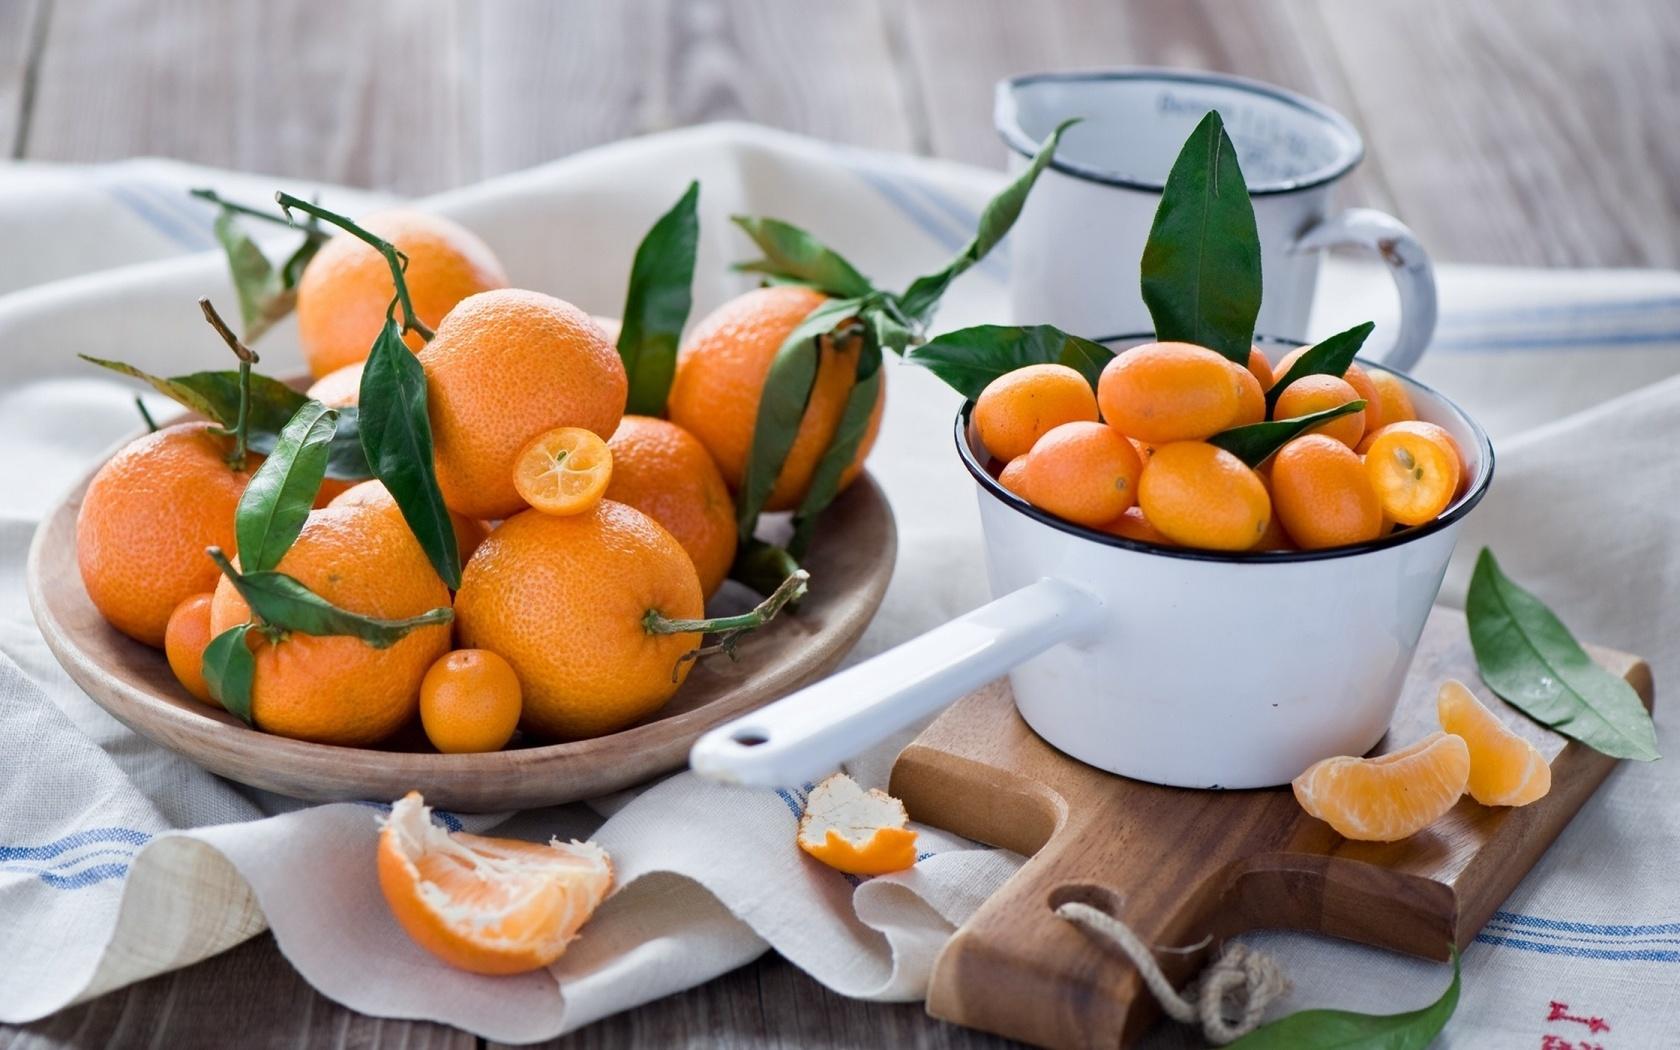 фрукты, еда, цитрус, лимон, апельсин, лайм, мандарин, грейпфрут, натюрморт